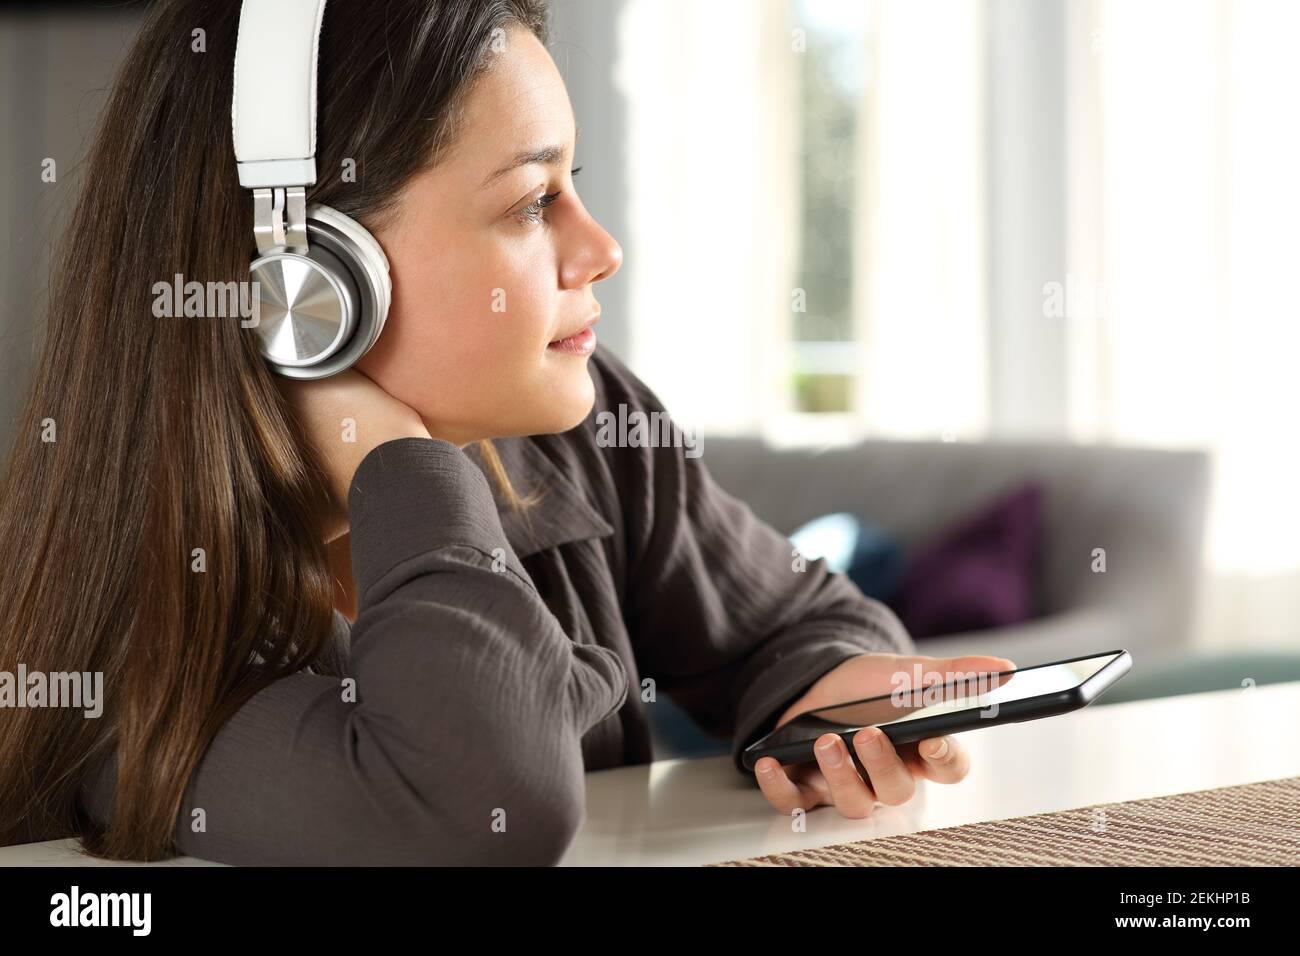 Femme pensive portant un casque sans fil qui envisage d'écouter de la musique à accueil Banque D'Images